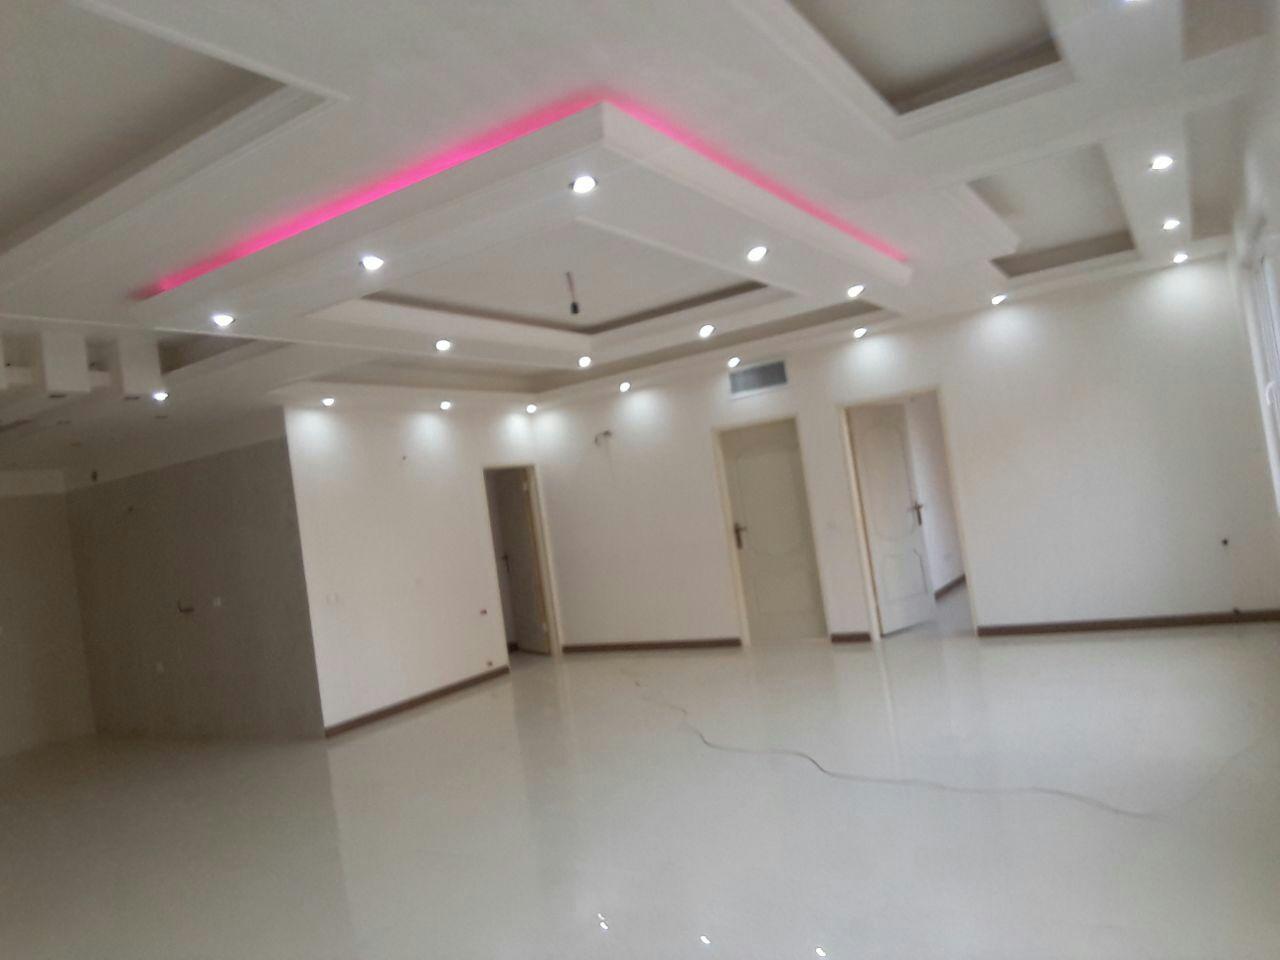 آپارتمان ۱۴۵ متری سوپرلوکس شهرک مریم